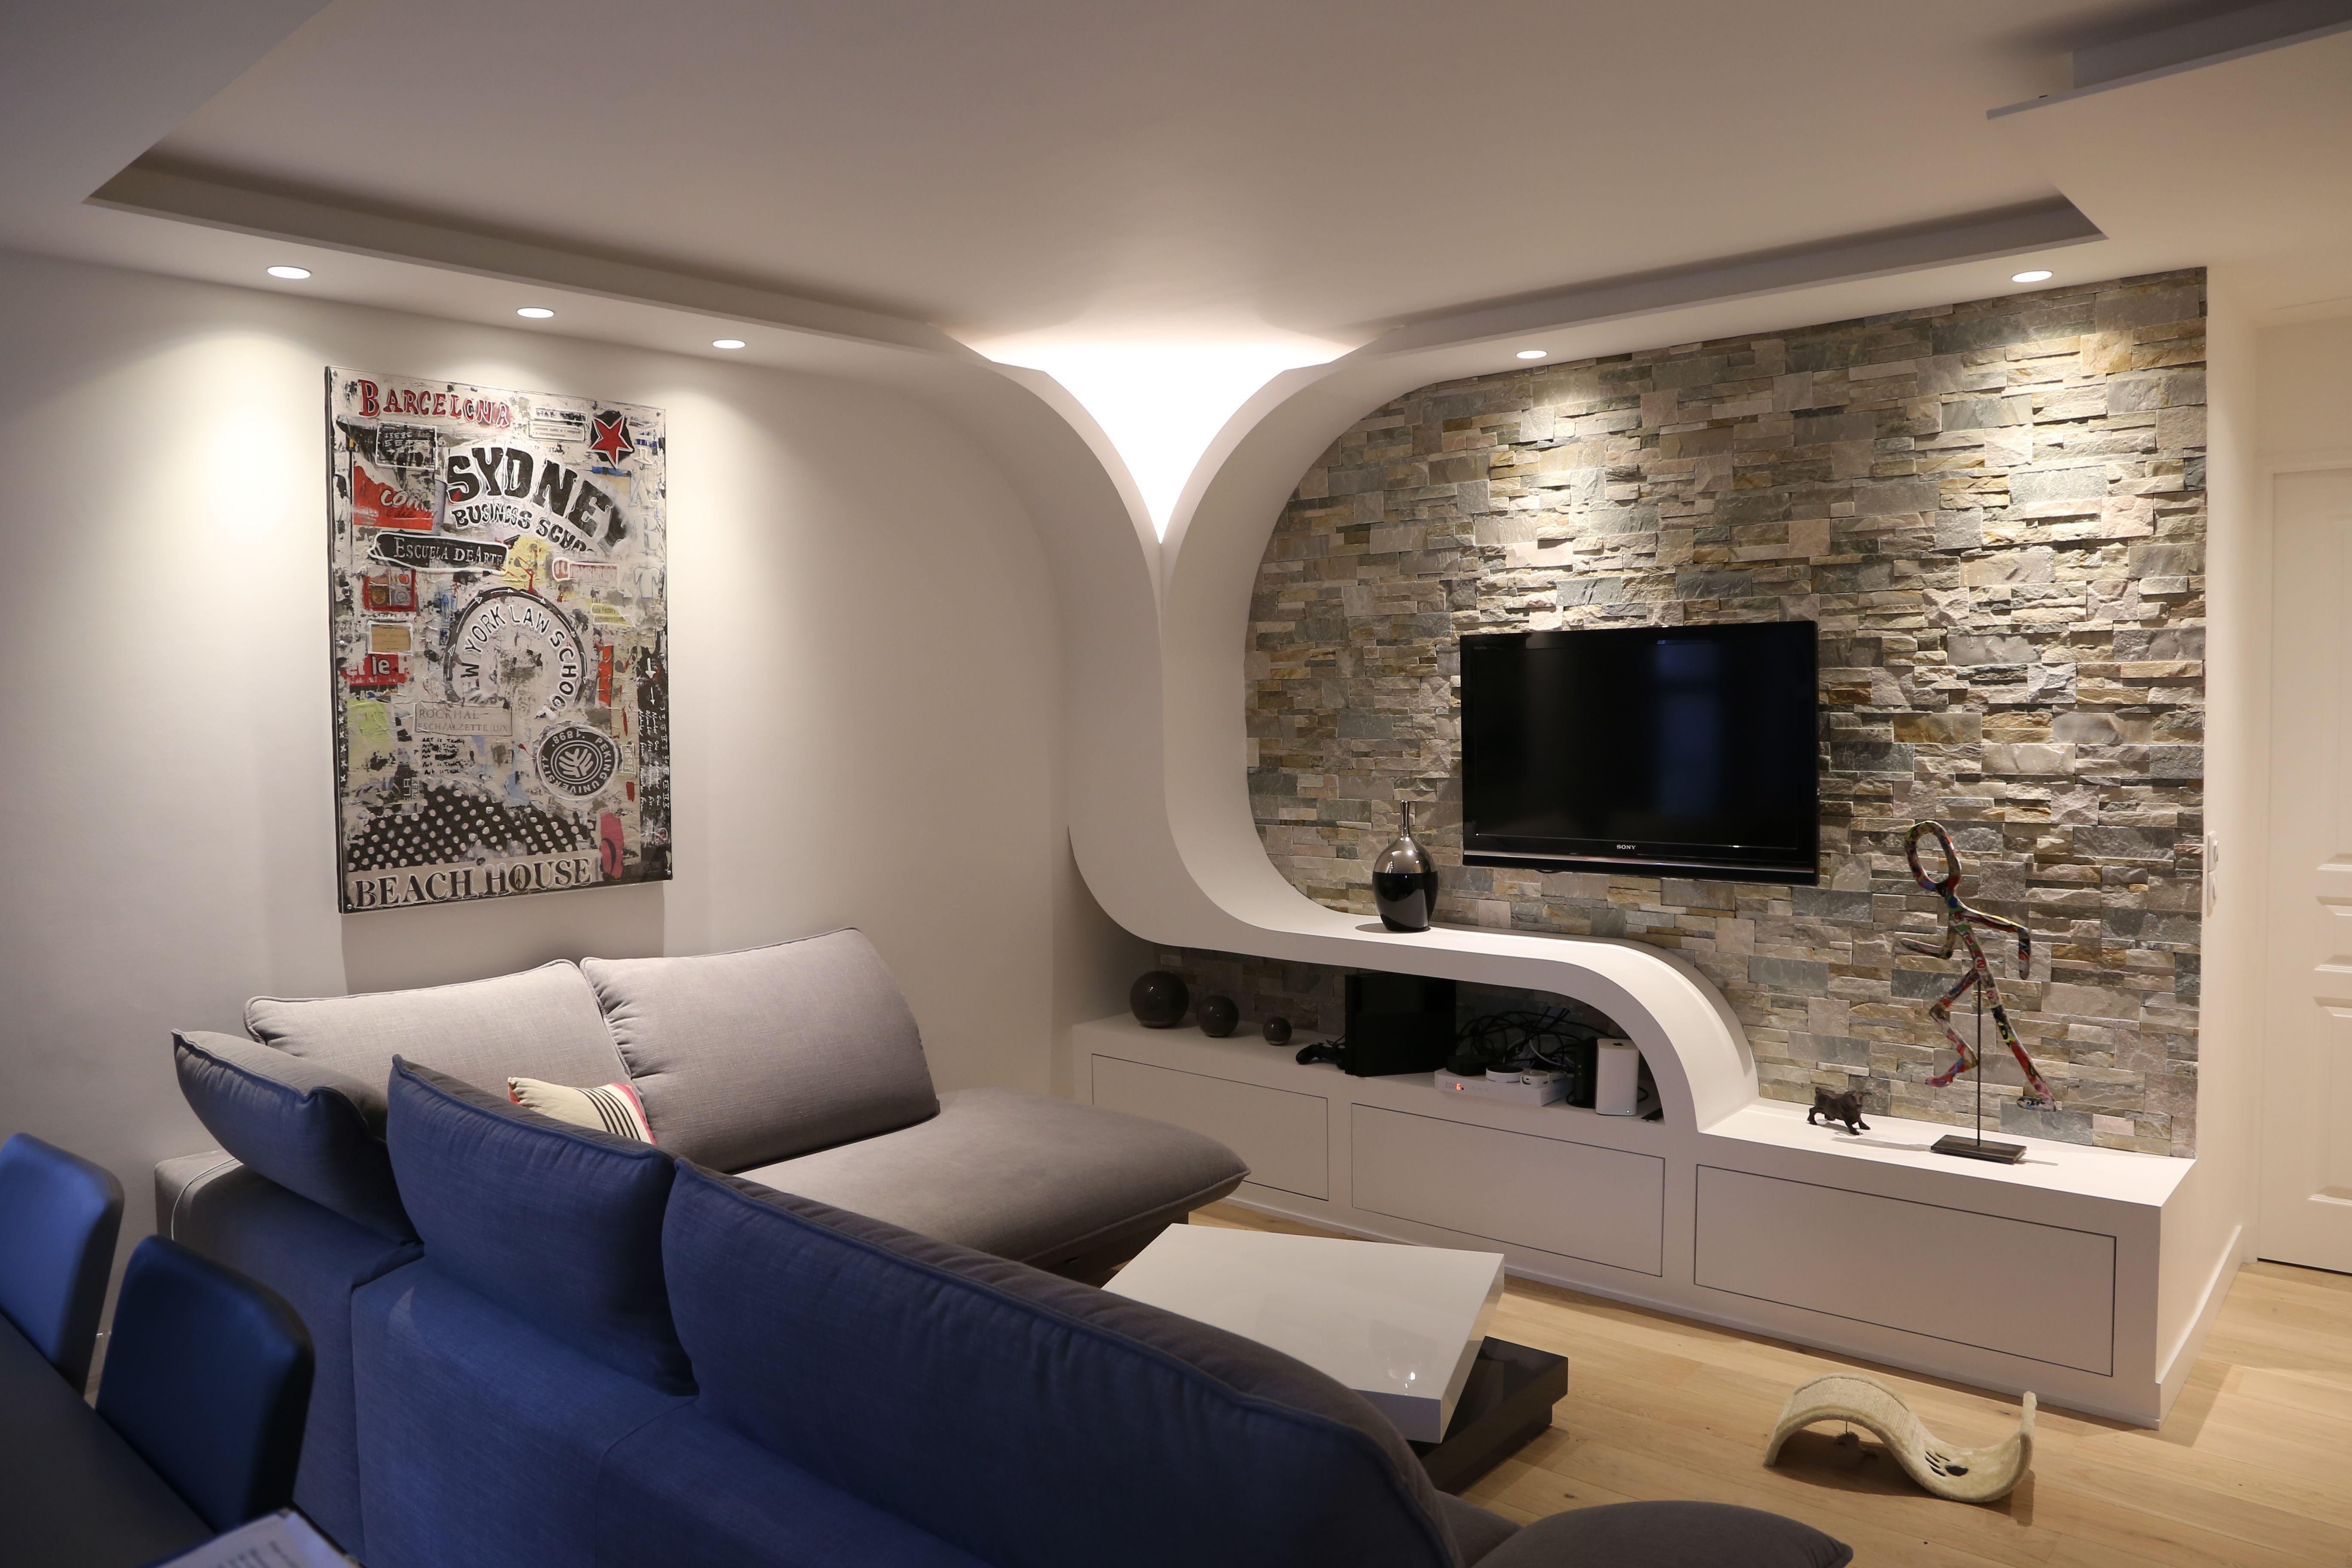 redoutable living meuble tv  Plafond design, Living room decor